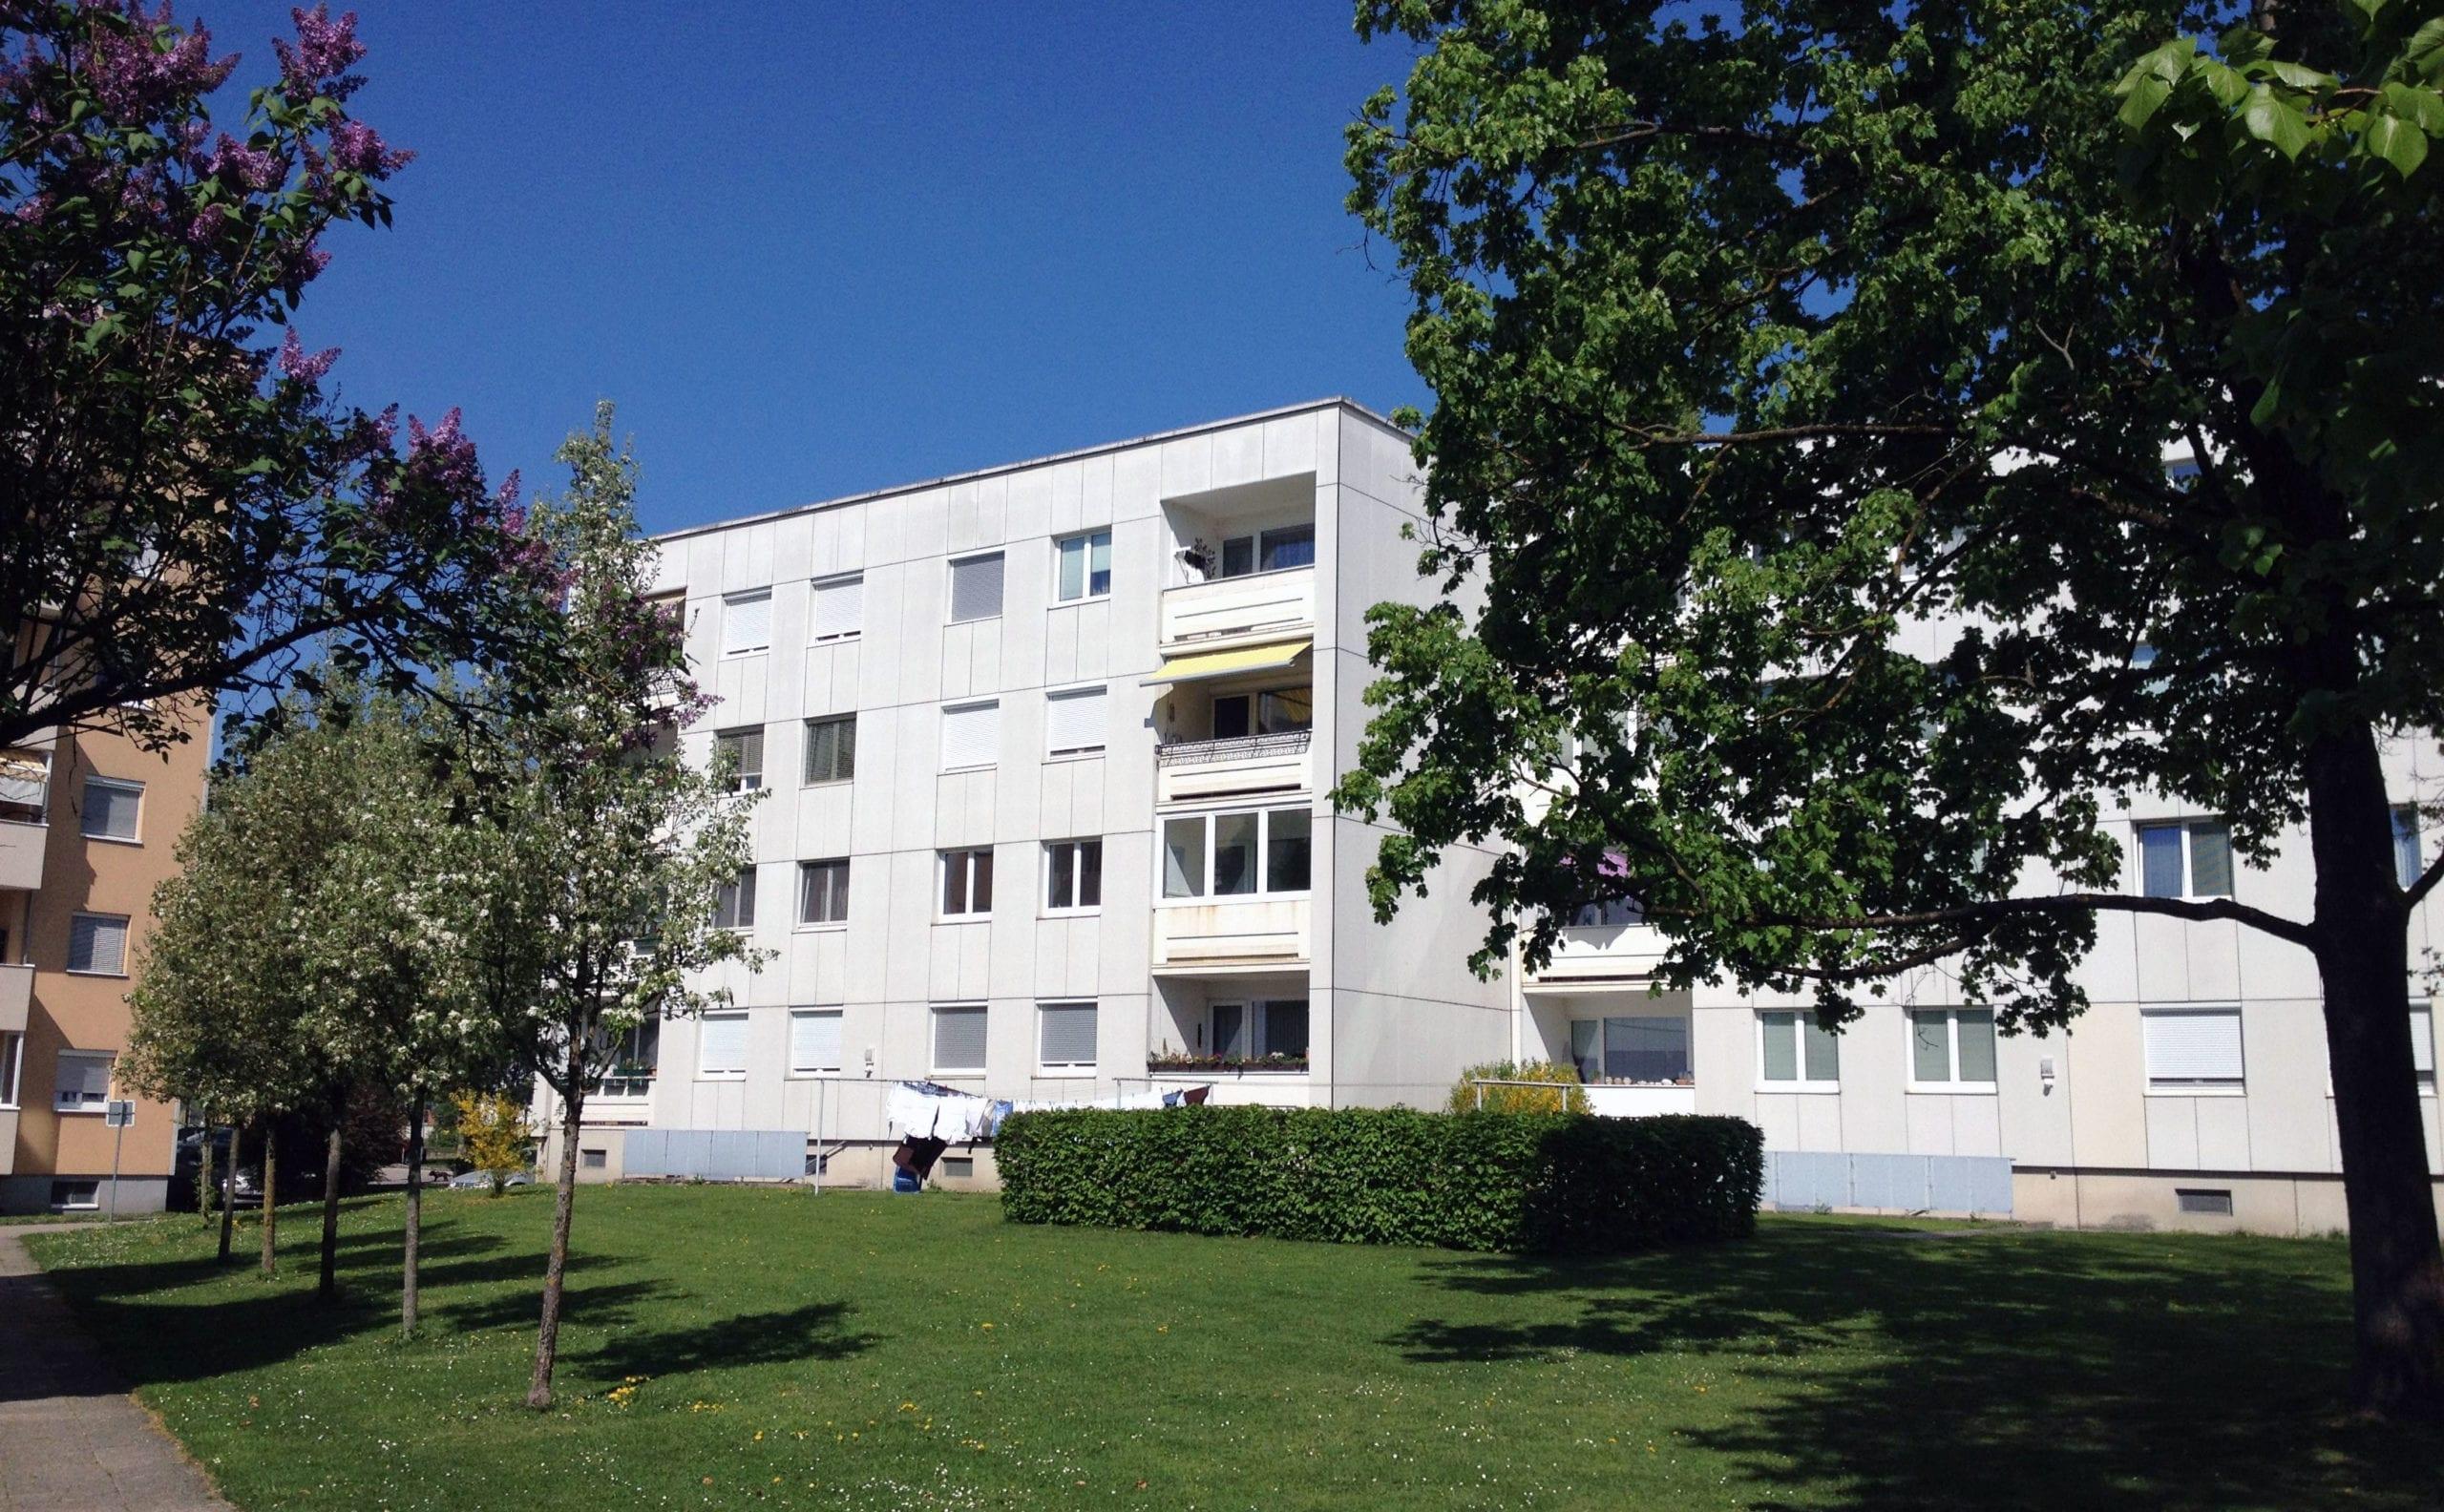 Zülowstraße 2-8